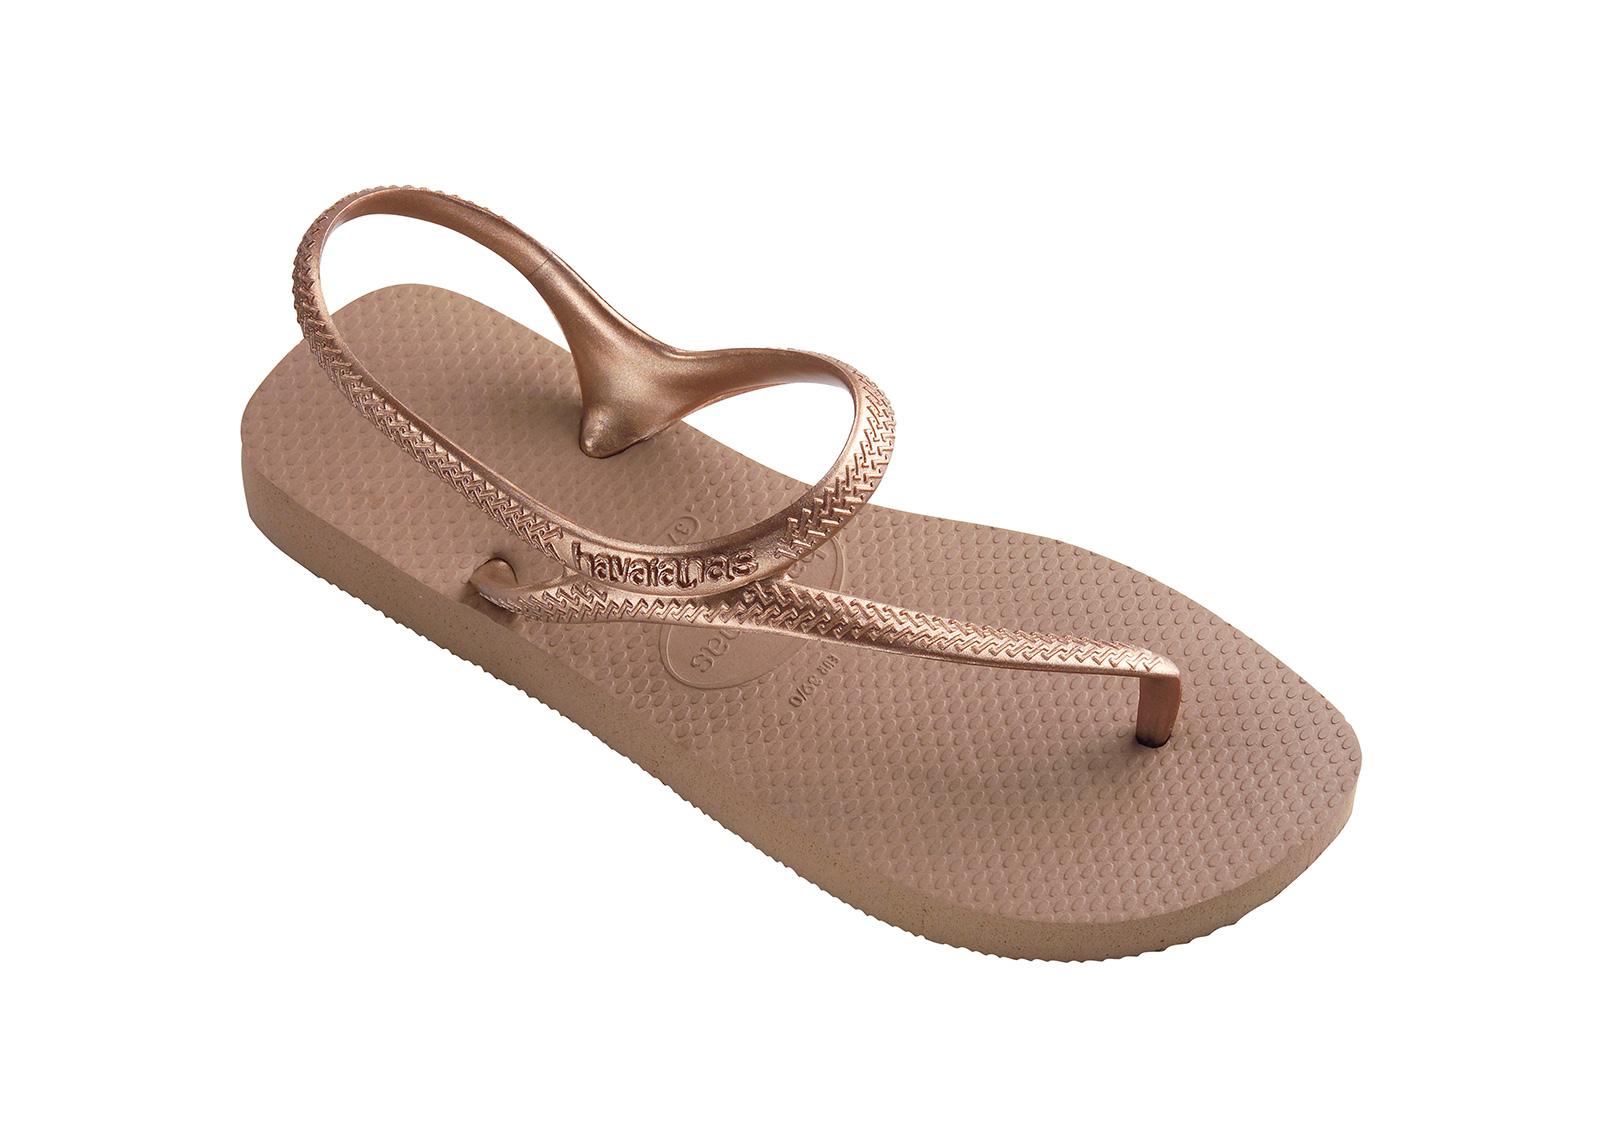 Havaianas Shoe Size